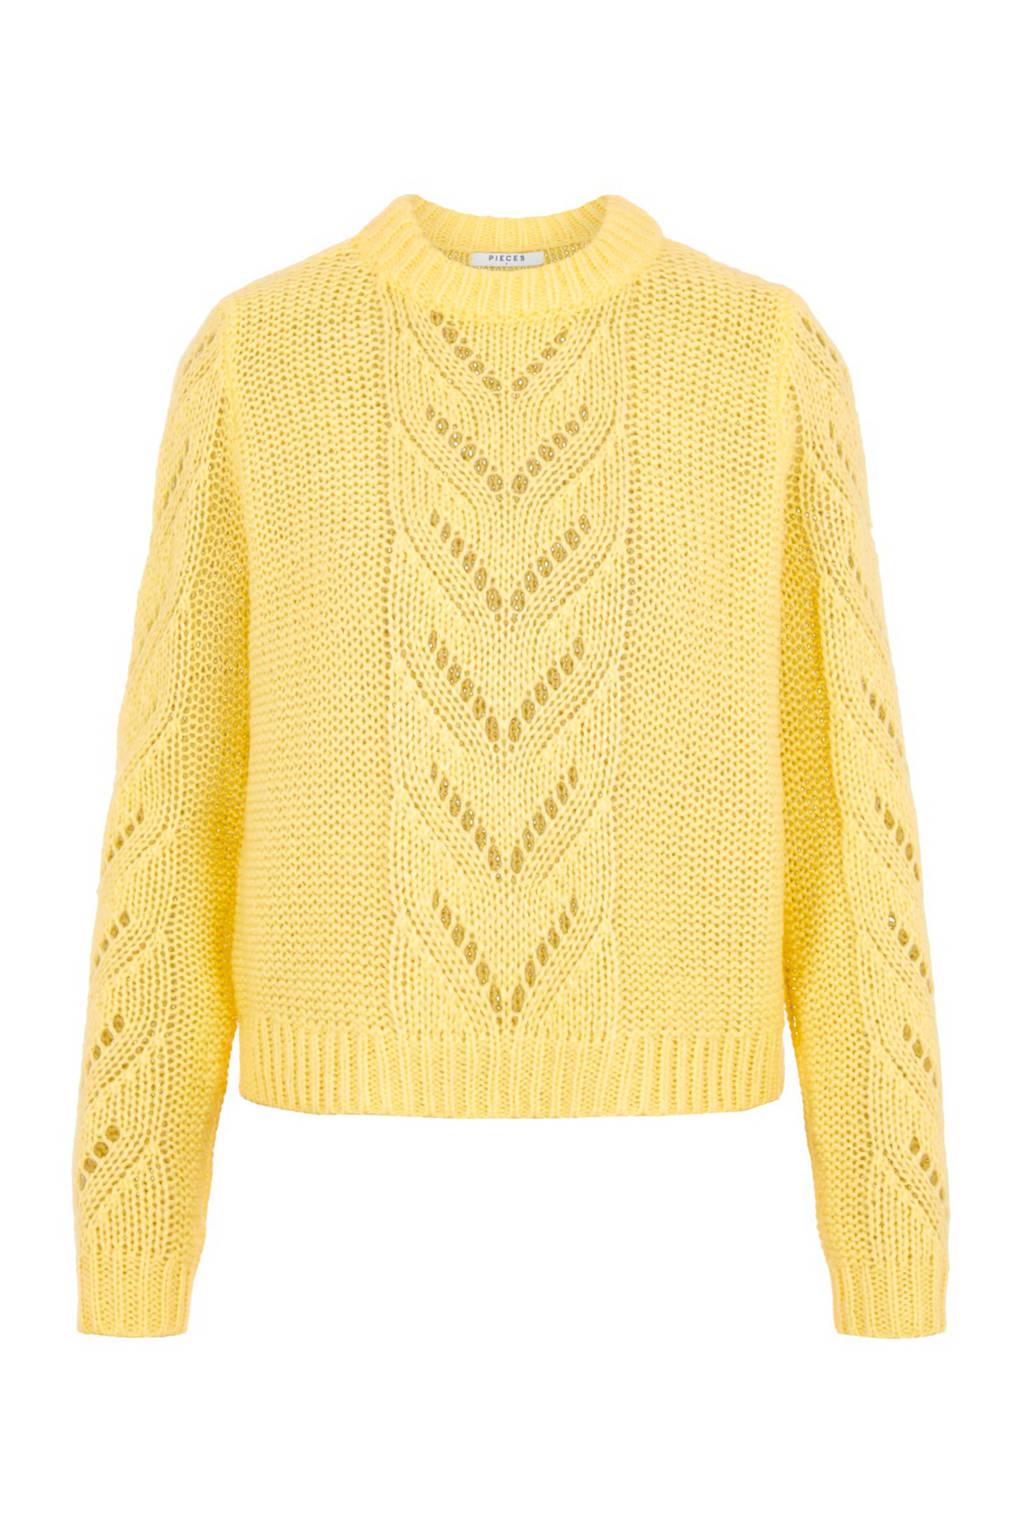 PIECES trui met open detail geel, Geel